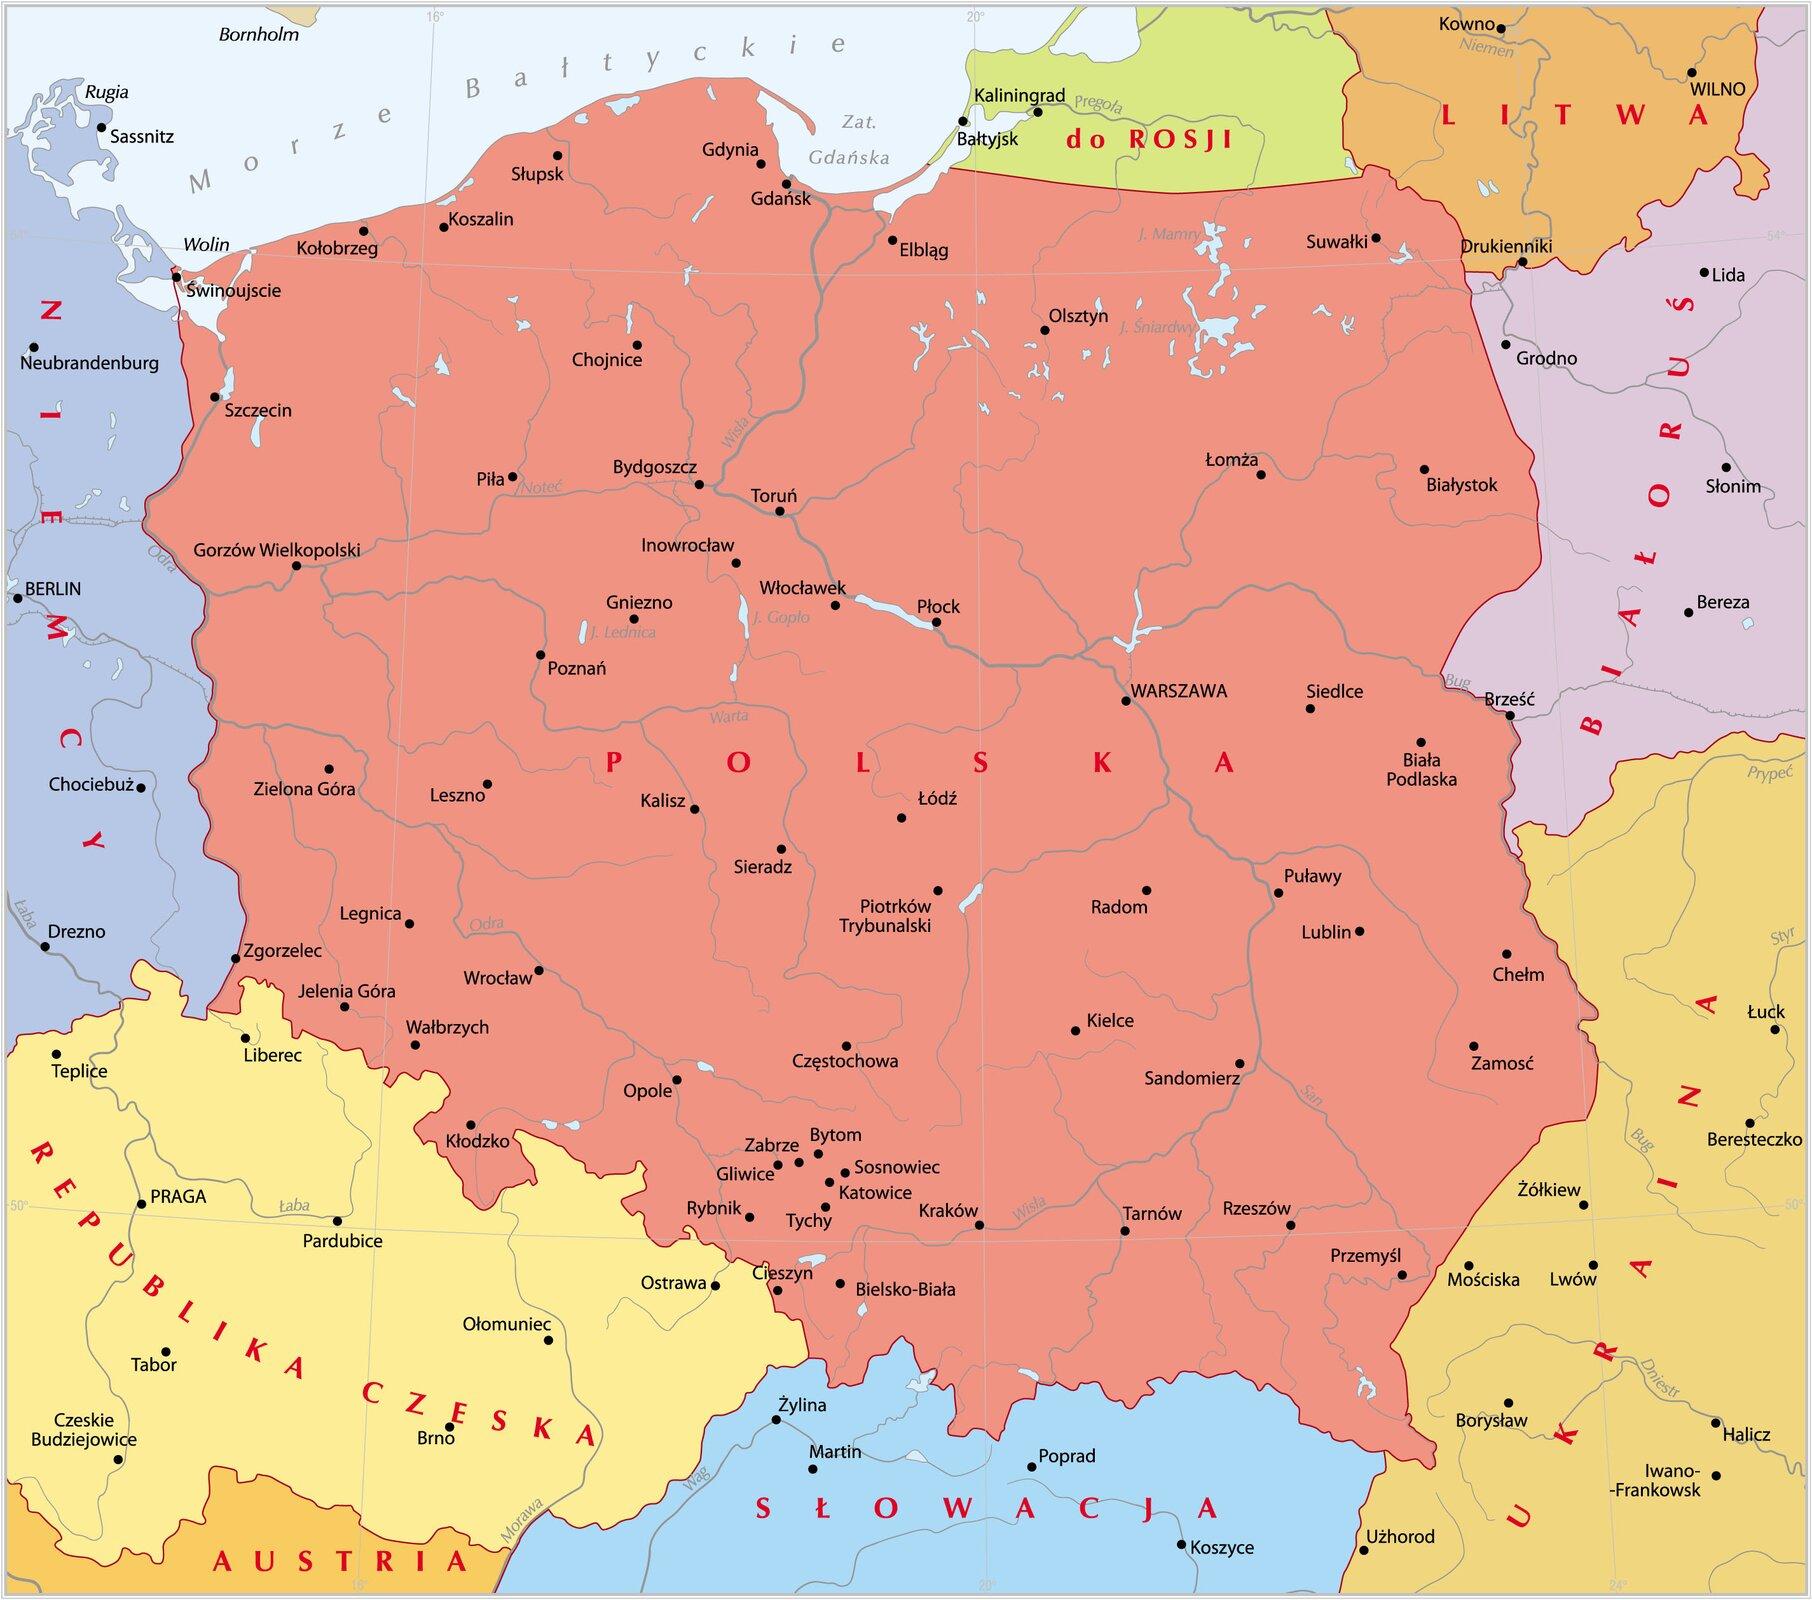 Mapa współczesnejPolski Mapa współczesnejPolski Źródło: Krystian Chariza izespół, licencja: CC BY 3.0.